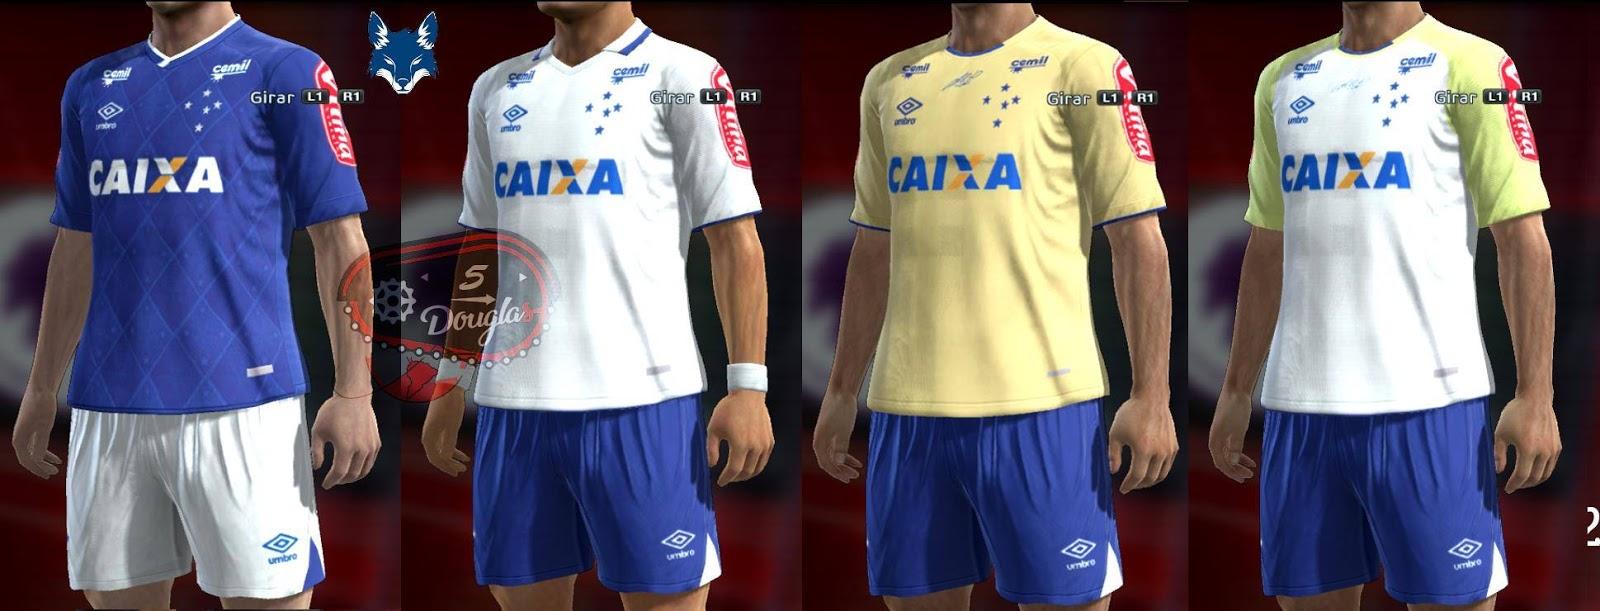 PES 2013 Cruzeiro 2017 Kits by d5ouglas